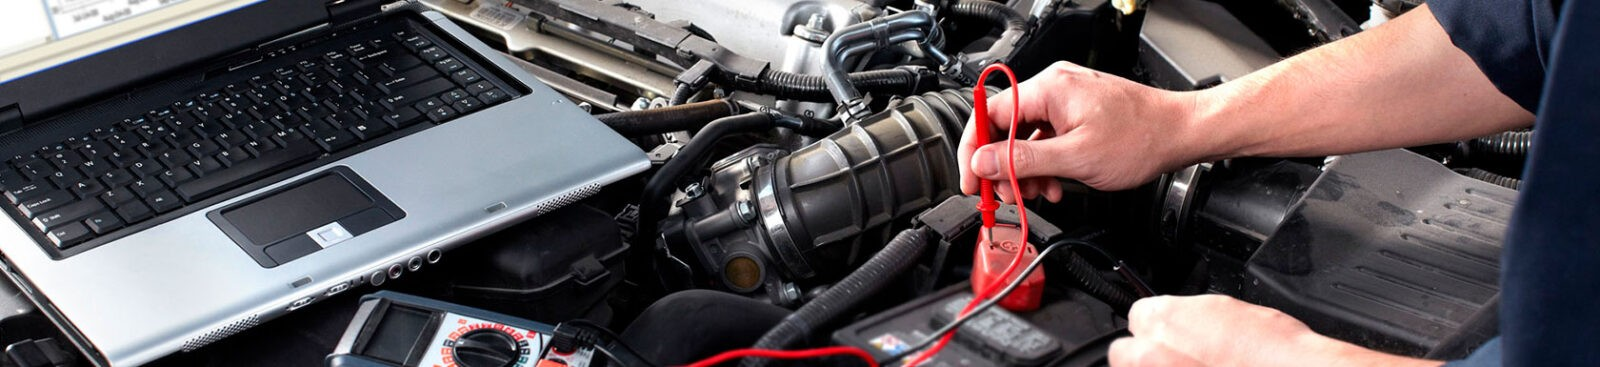 Диагностика и ремонт электронных систем автомобиля